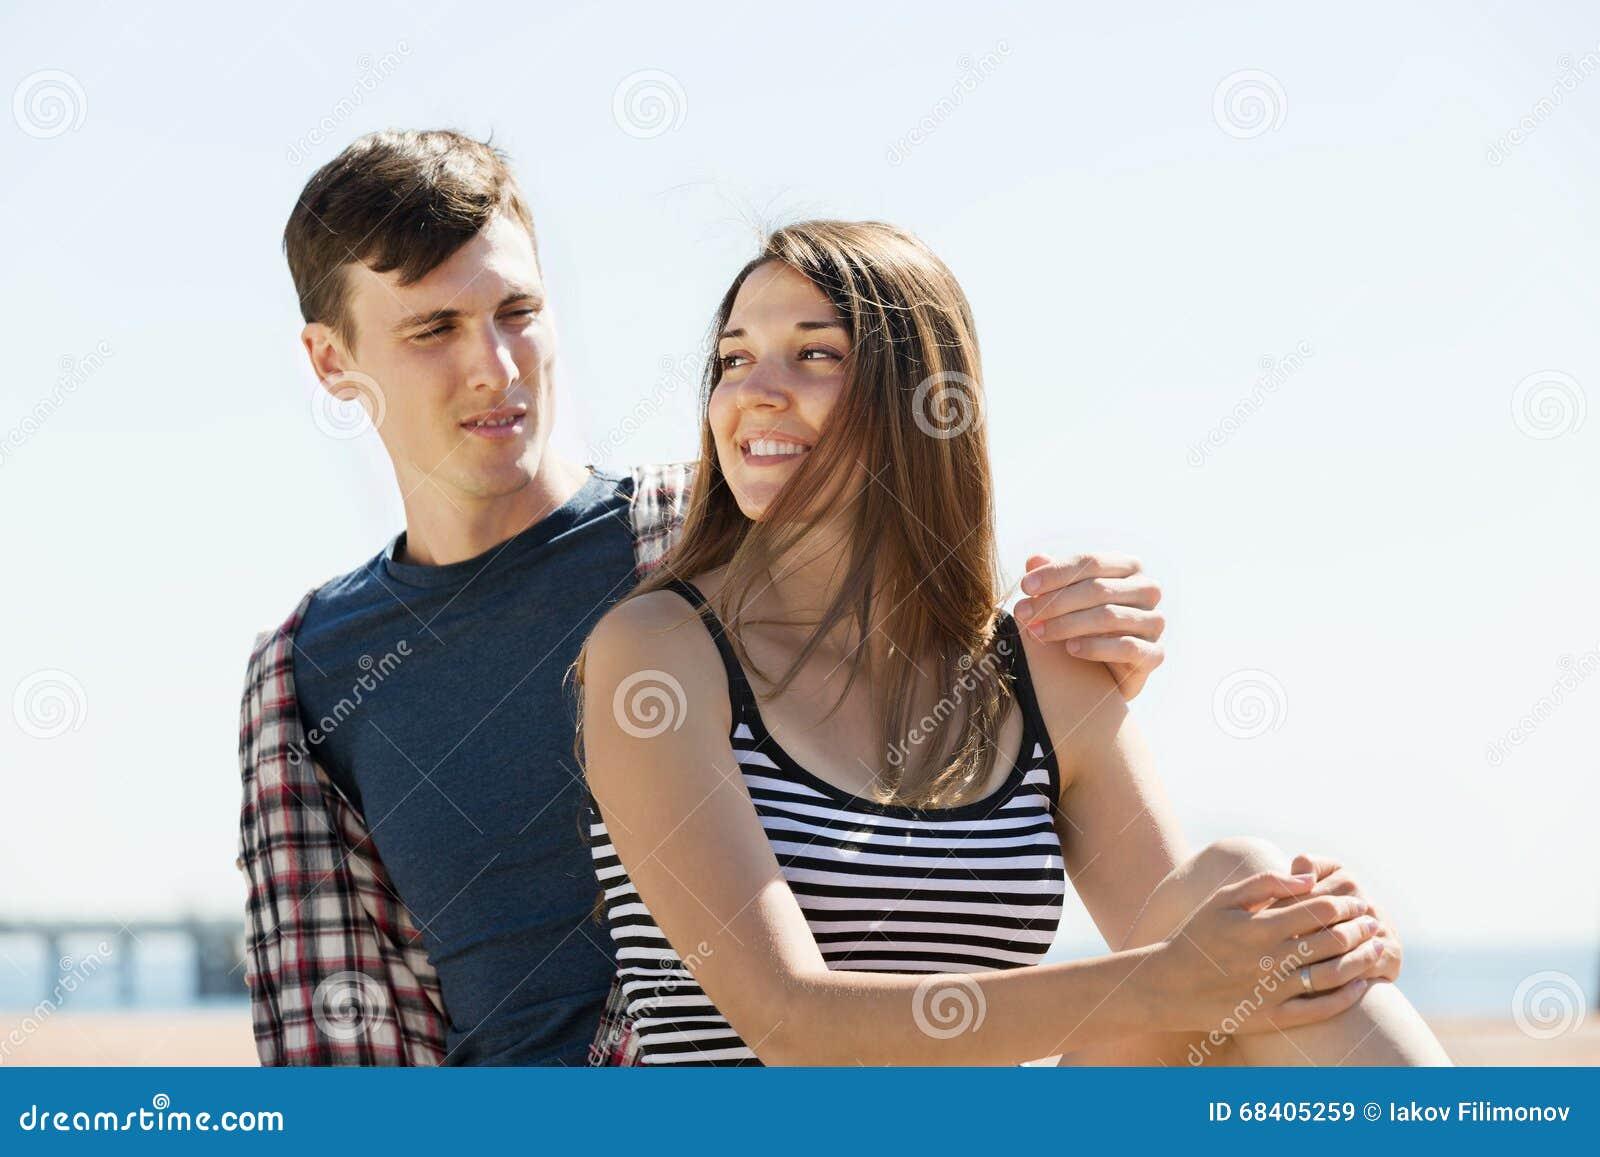 Happy couple having romantic date